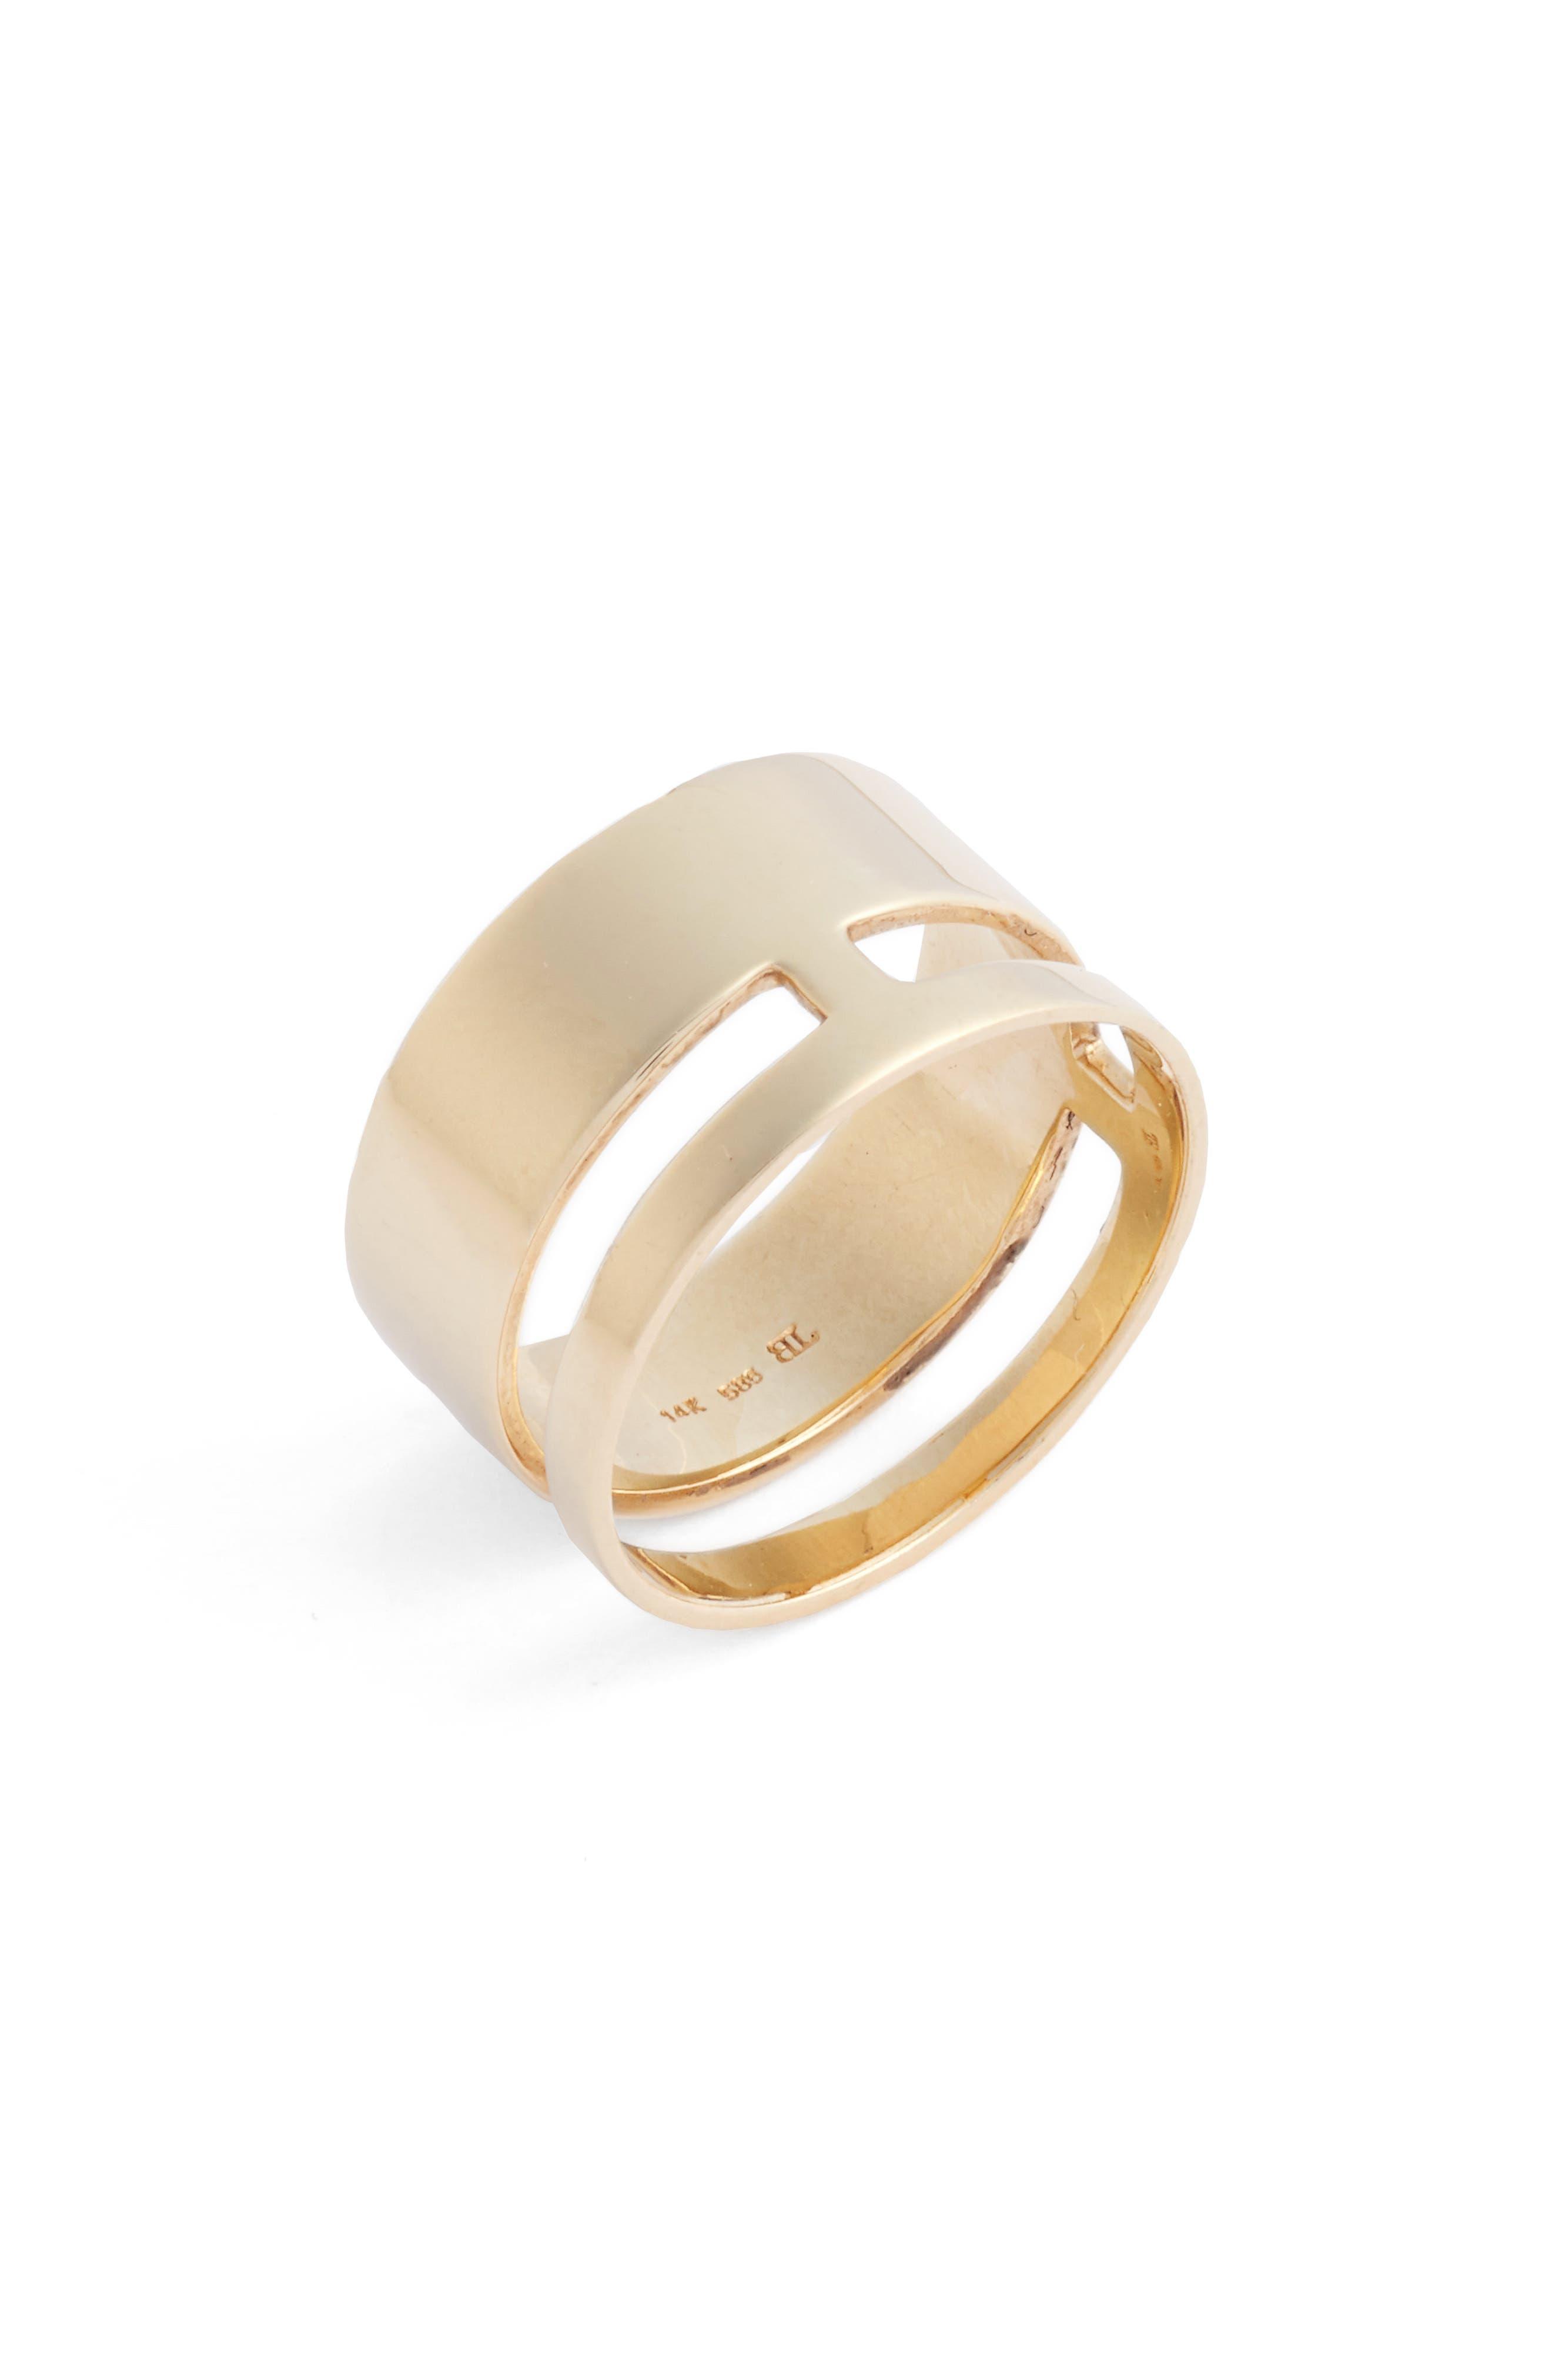 Ofira Bold 14K Gold Ring,                         Main,                         color, Yellow Gold